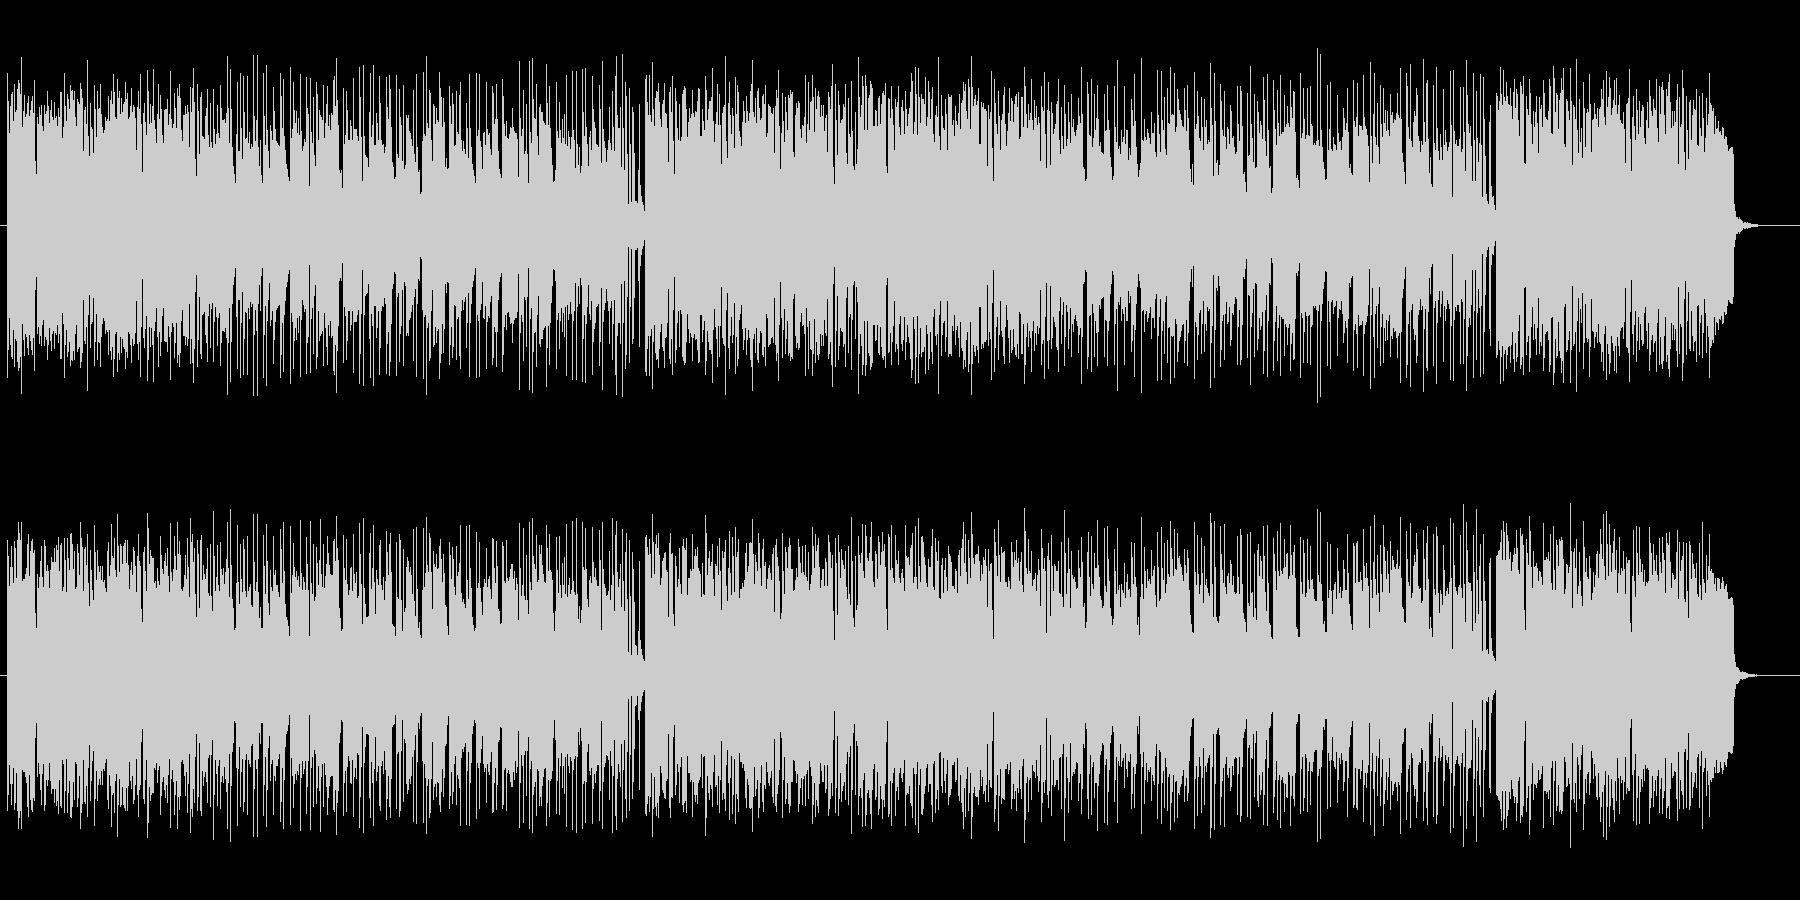 明るいアップテンポのシンセサイザーの曲の未再生の波形